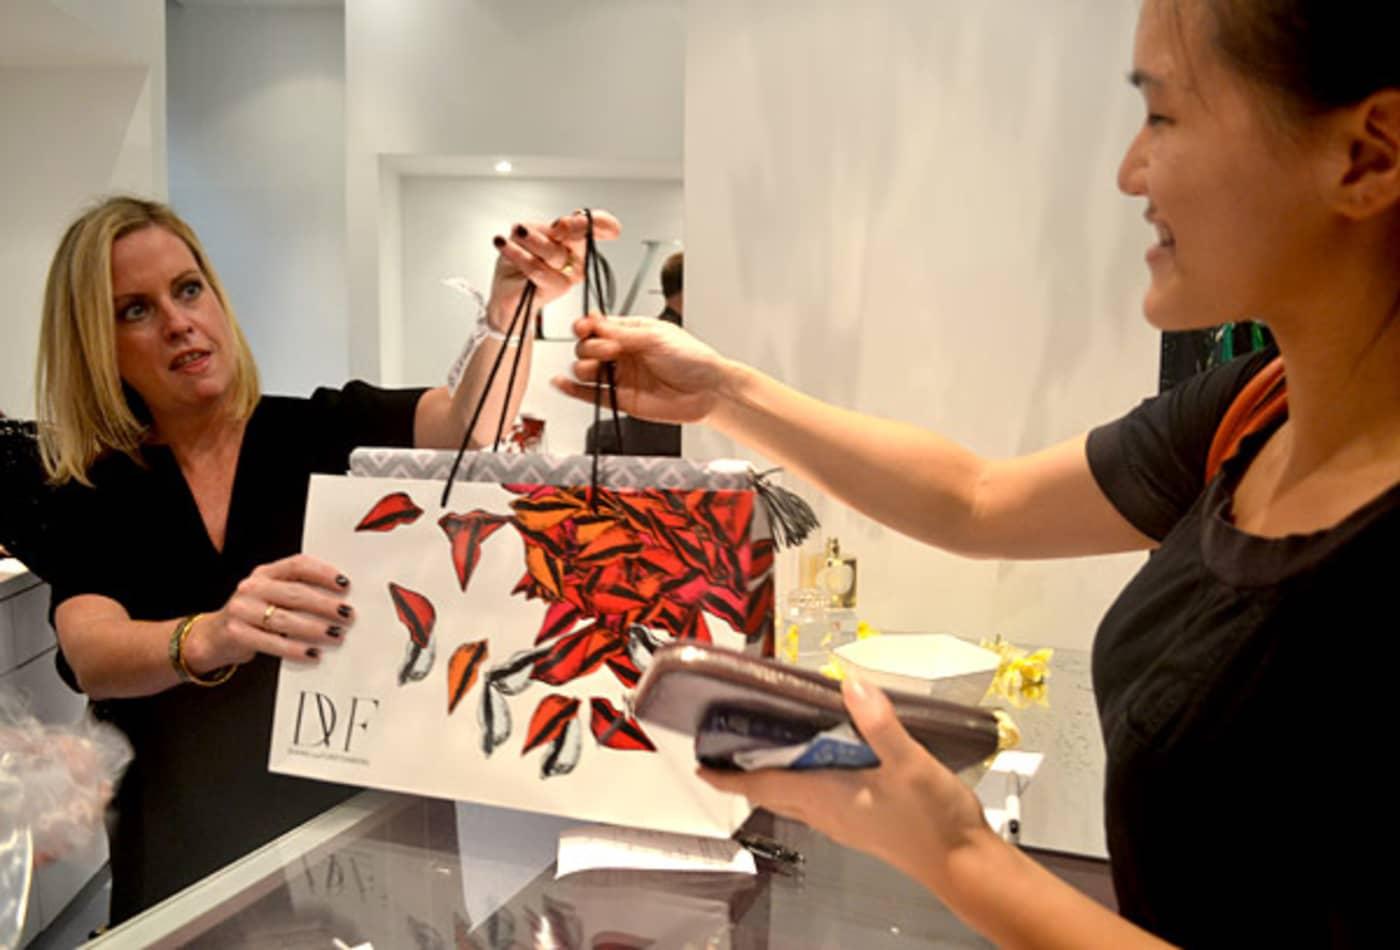 CNBC_NYC_fashion_week_2011_FNO3.jpg